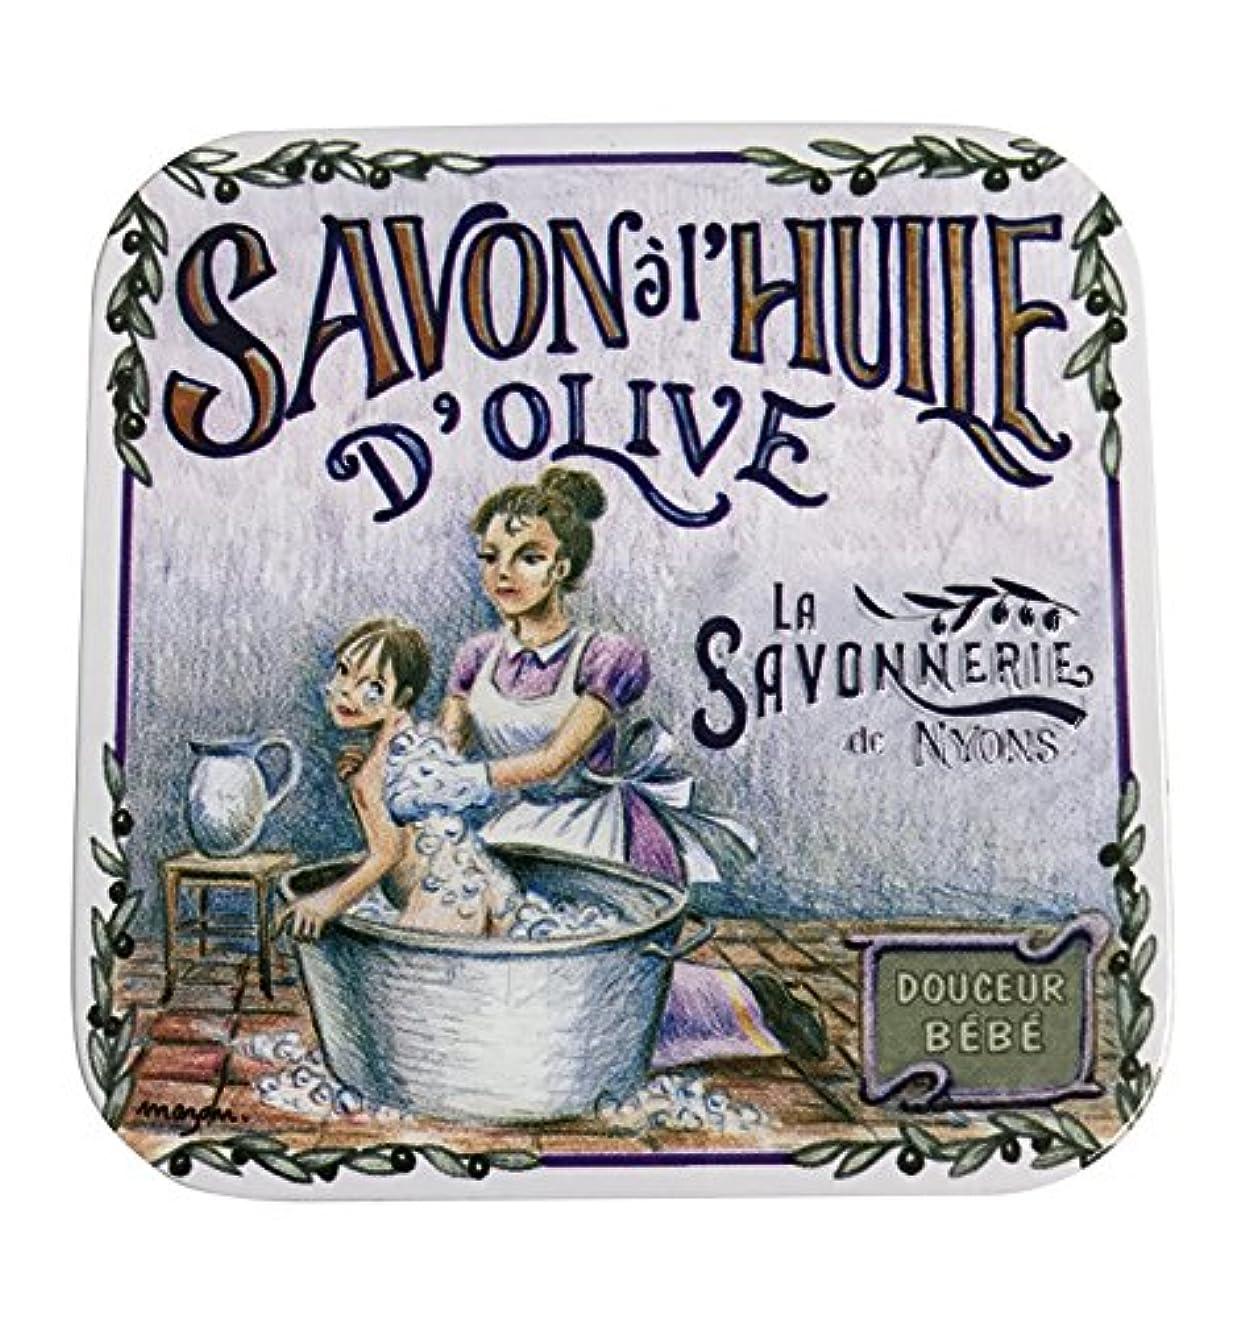 活気づけるコンプリートスロベニアラ?サボネリー アンティーク缶入り石鹸 タイプ100 ハウスワイフ(ローズ)